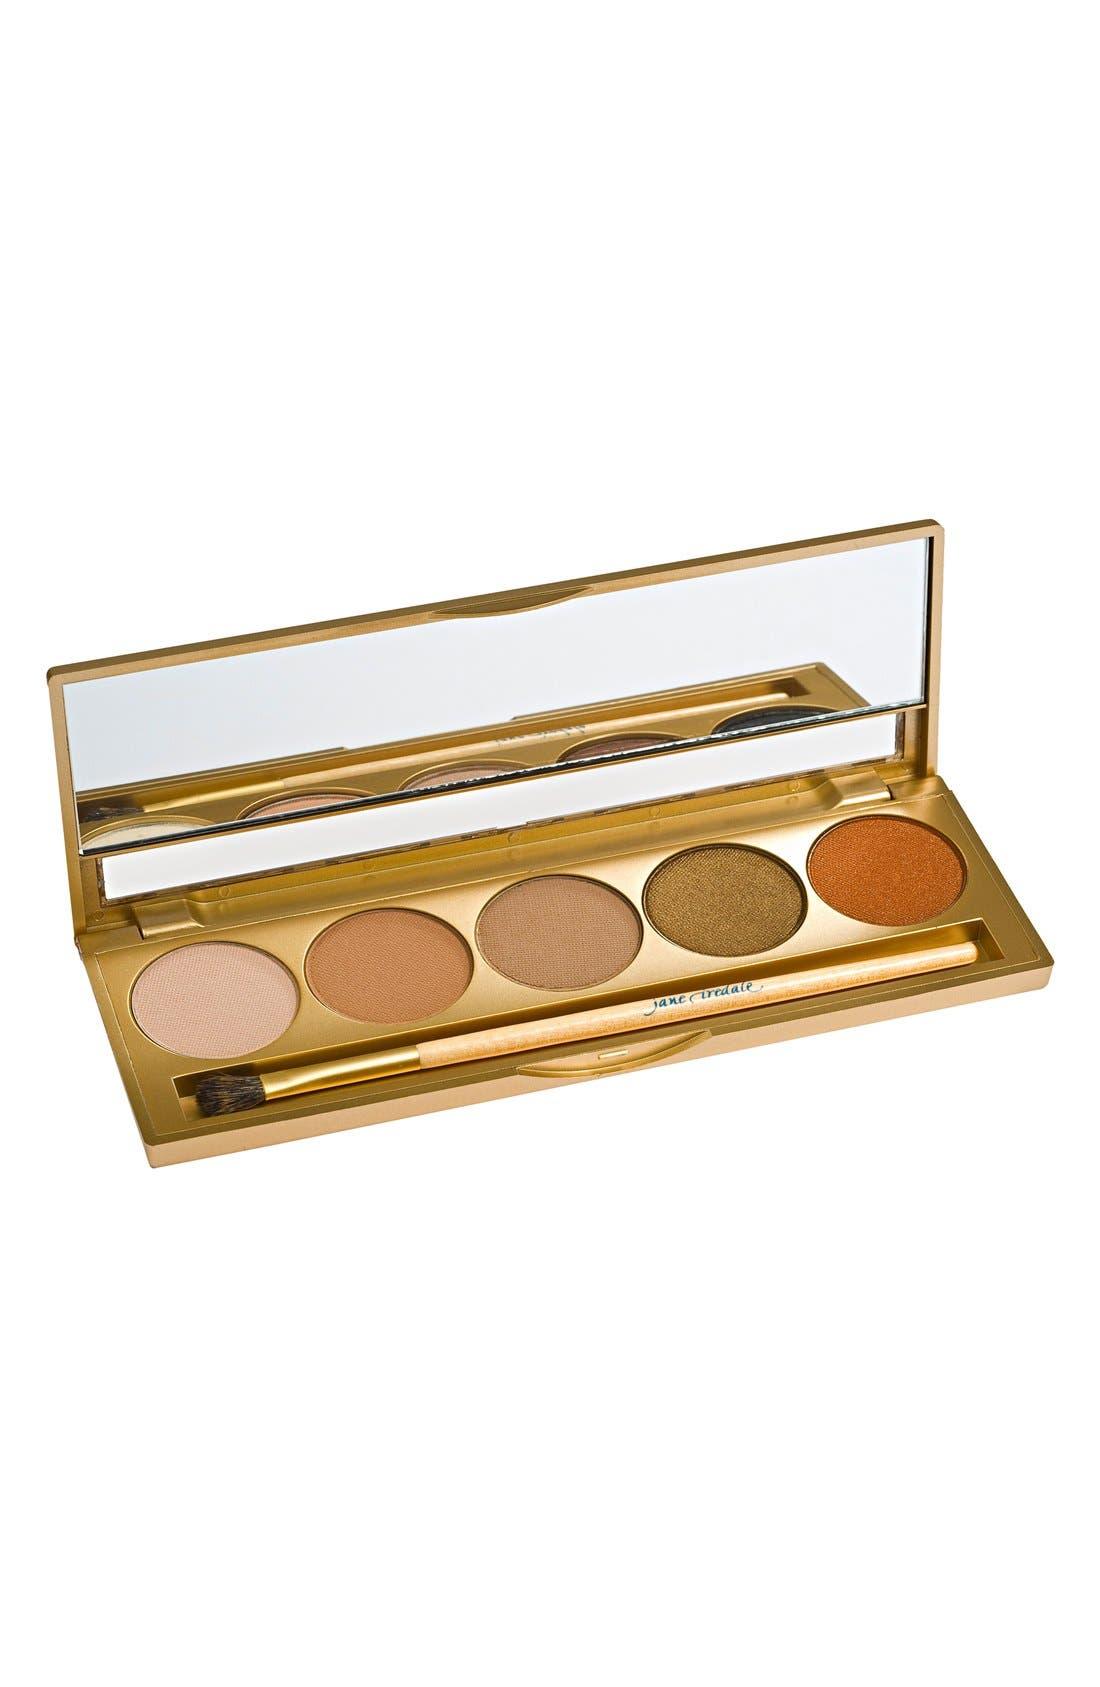 jane iredale Perfectly Nude Eyeshadow Kit